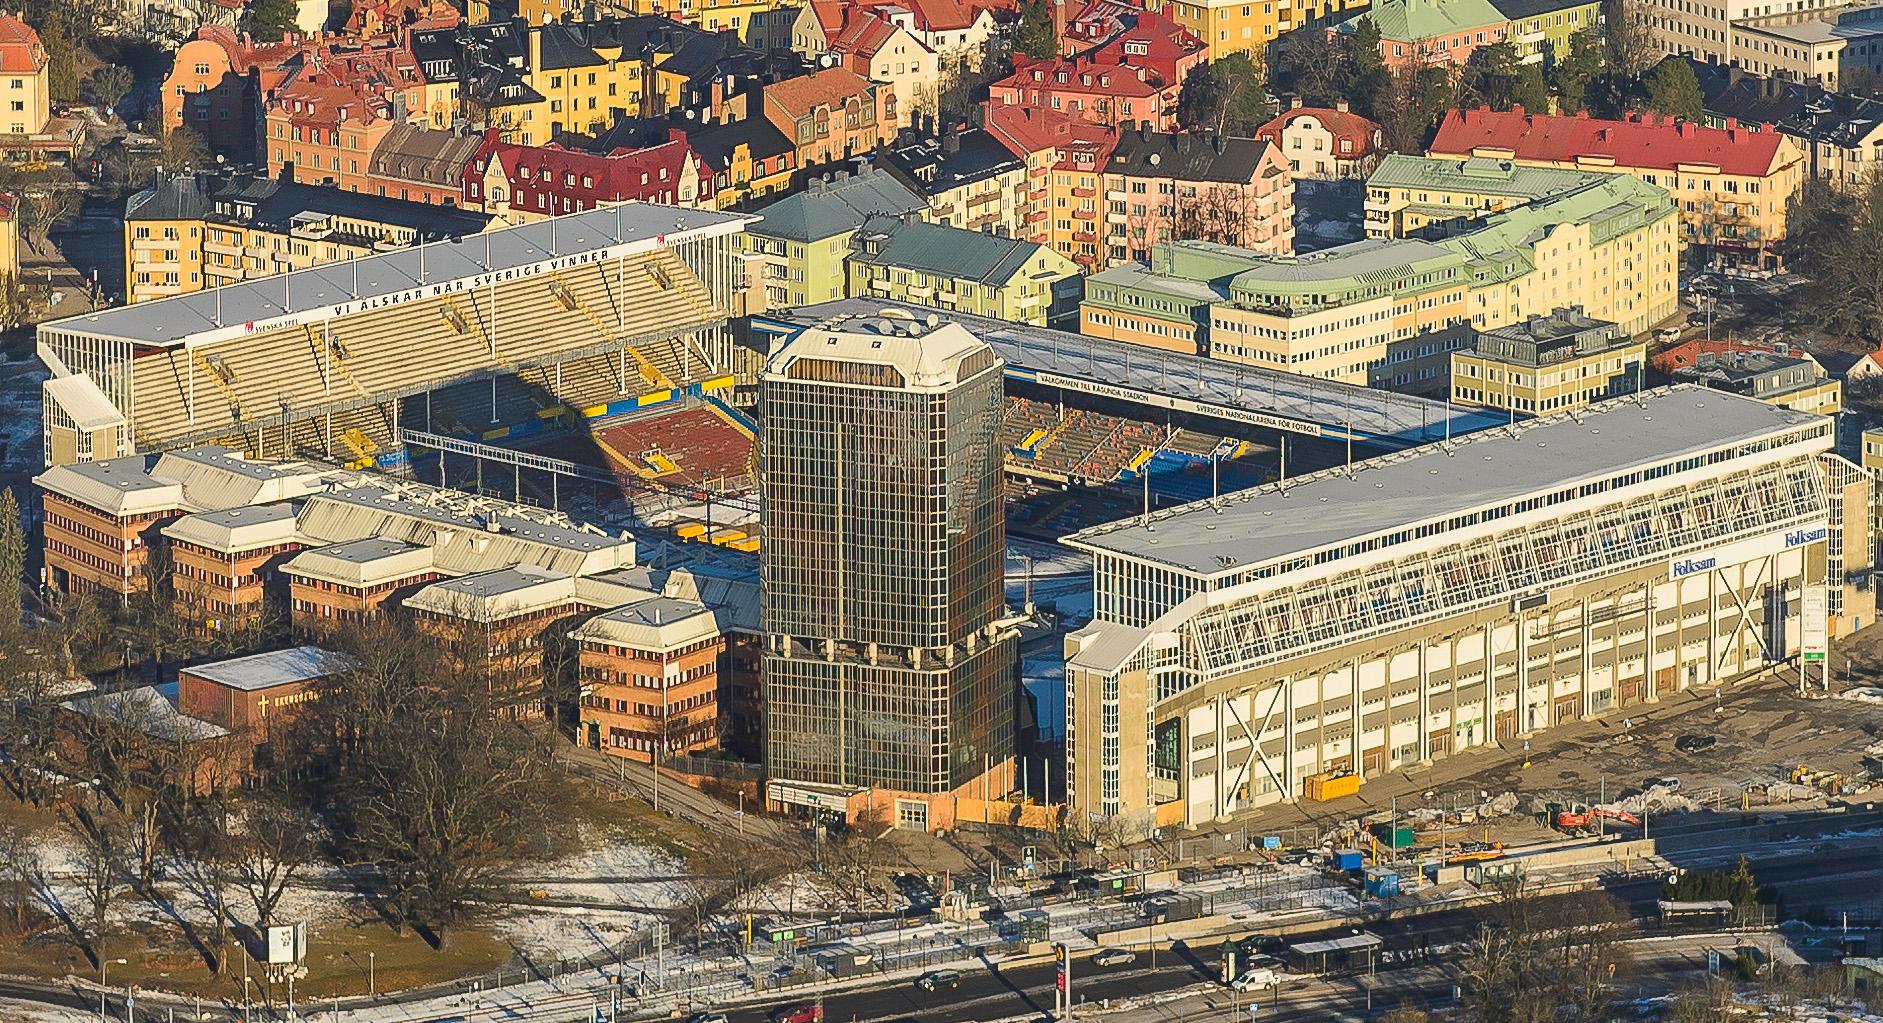 Пеле, Росунда, футбол. Стадионы Евро, которых больше нет - изображение 7